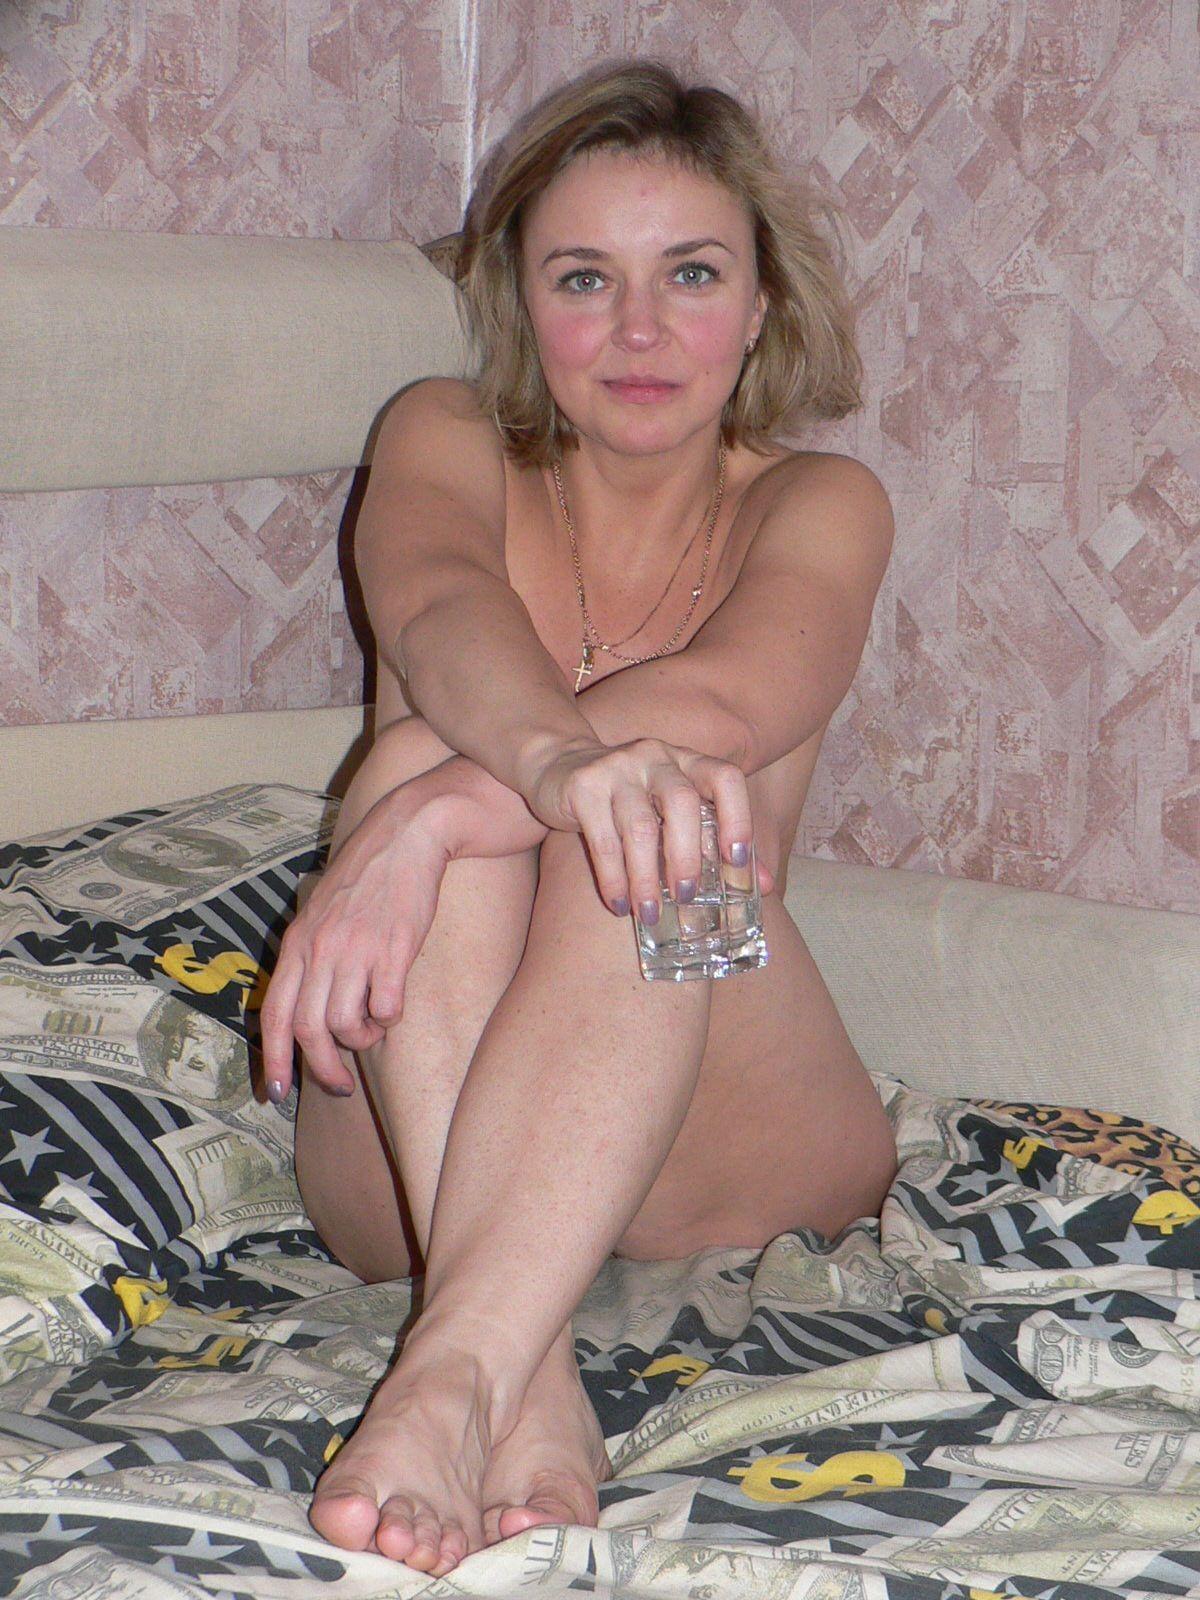 Взрослая милфа обладает достаточной сексуальностью, поэтому старается показать себя во всей красе